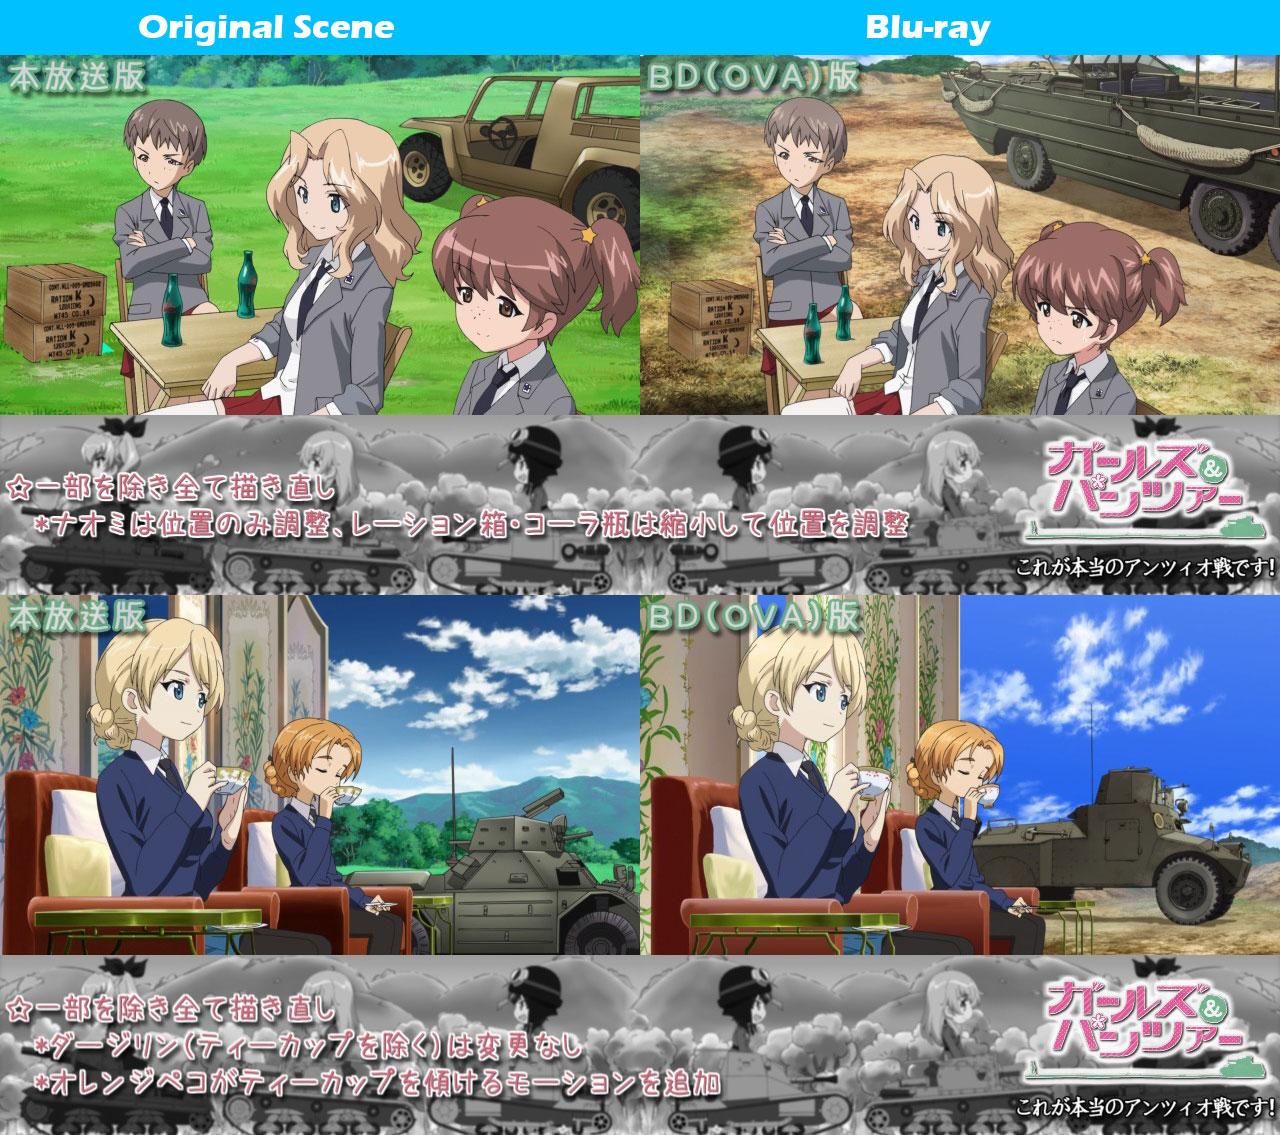 Girls-Und-Panzer-Kore-Ga-Hontou-No-Anzio-Sen-Desu-TV-and-Blu-ray-Comparison-7_Haruhichan.com